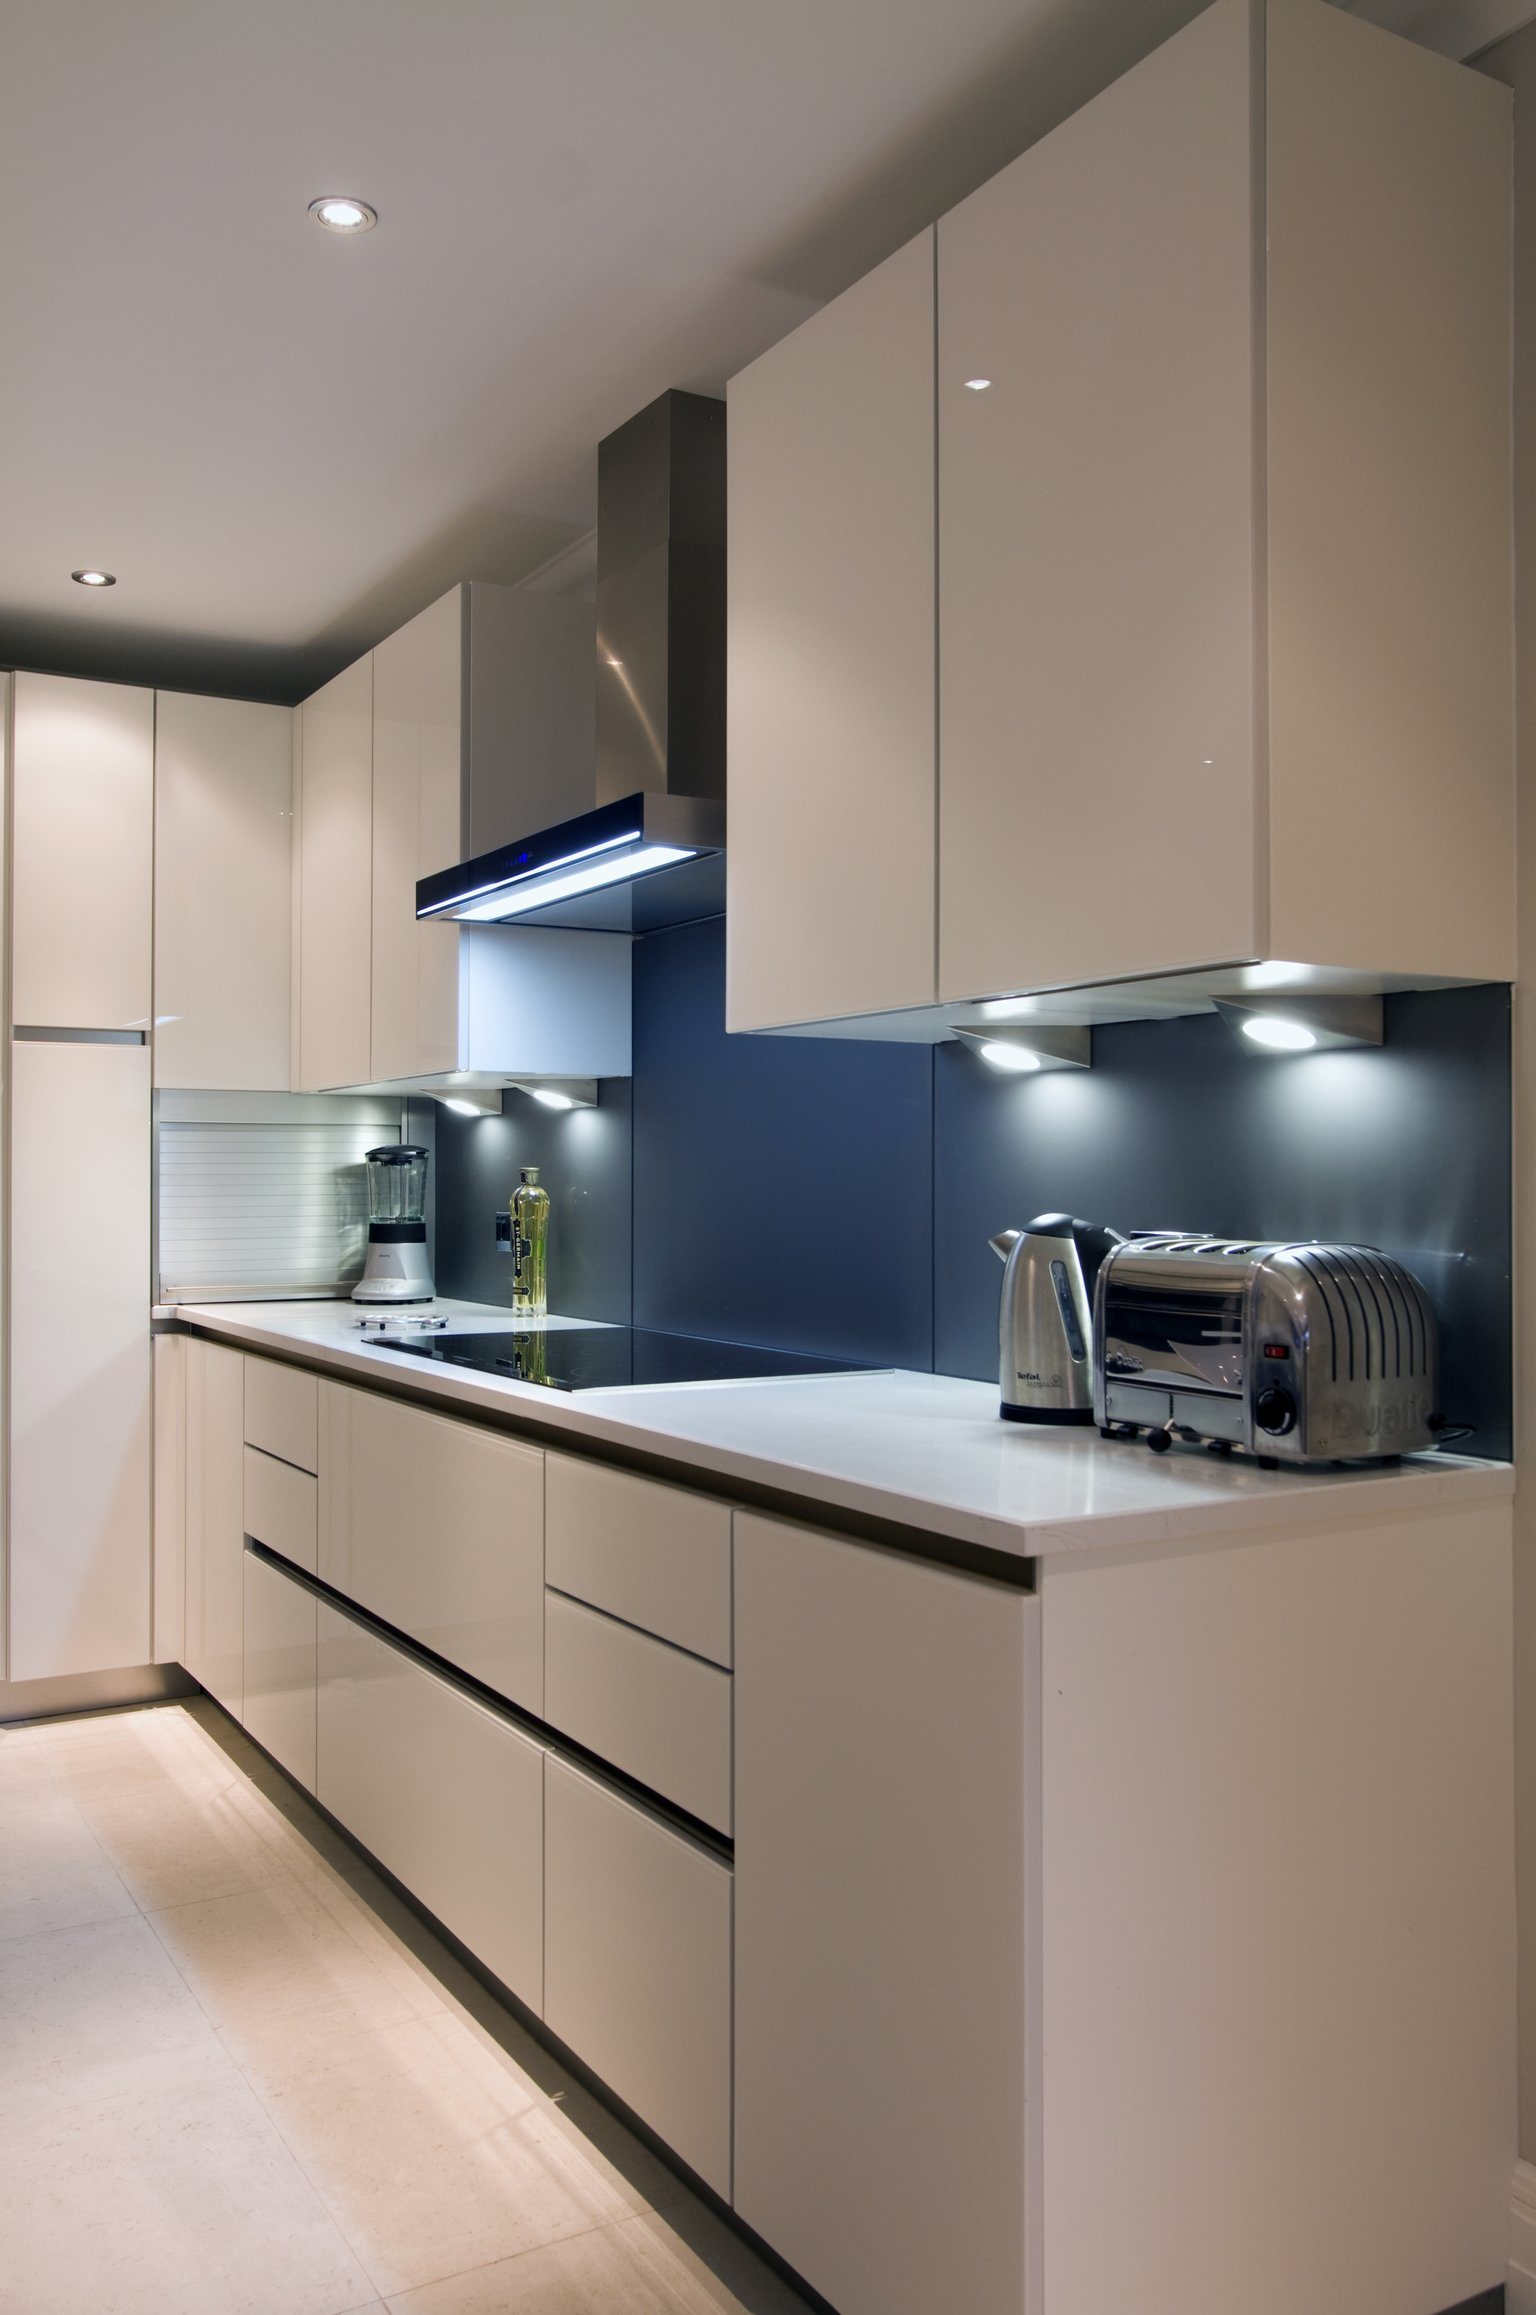 2014 armário de cozinha mobília lustrosa elevada moderna da cozinha  #35465D 1536 2315